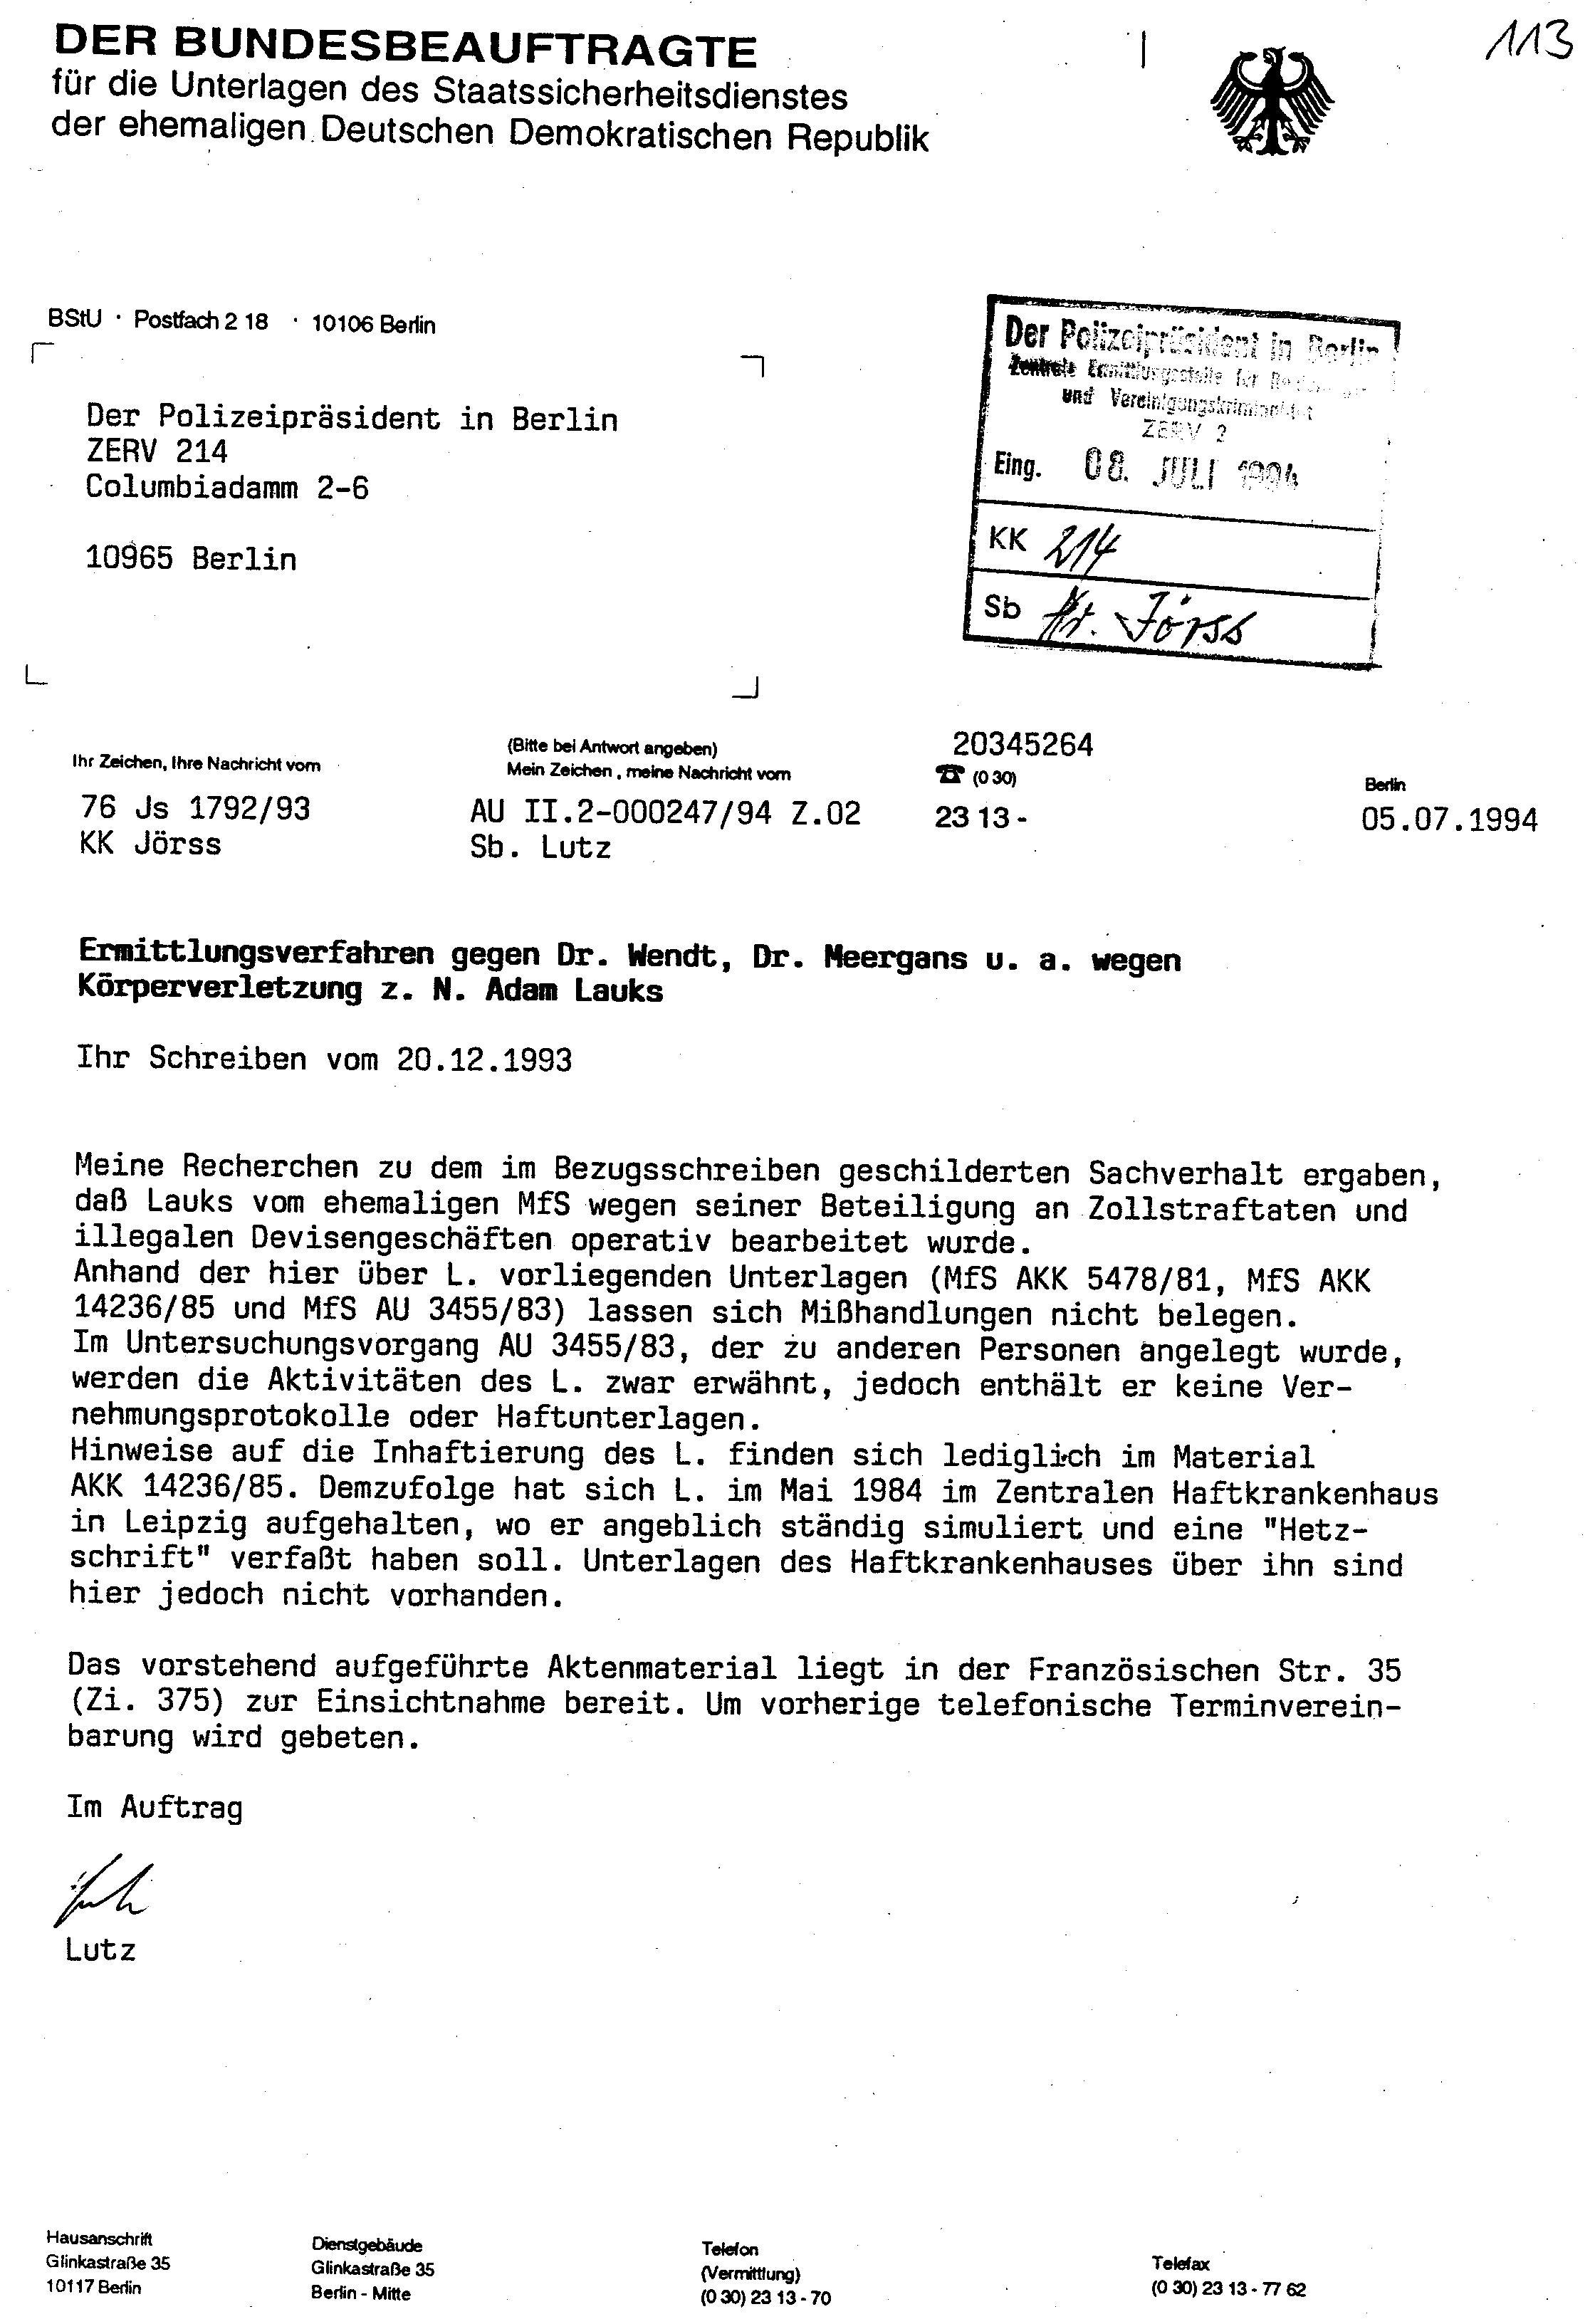 Briefe Persönlich Vertraulich Adressieren : Achtung folterbeweise wurden durch gauck unterdrückt